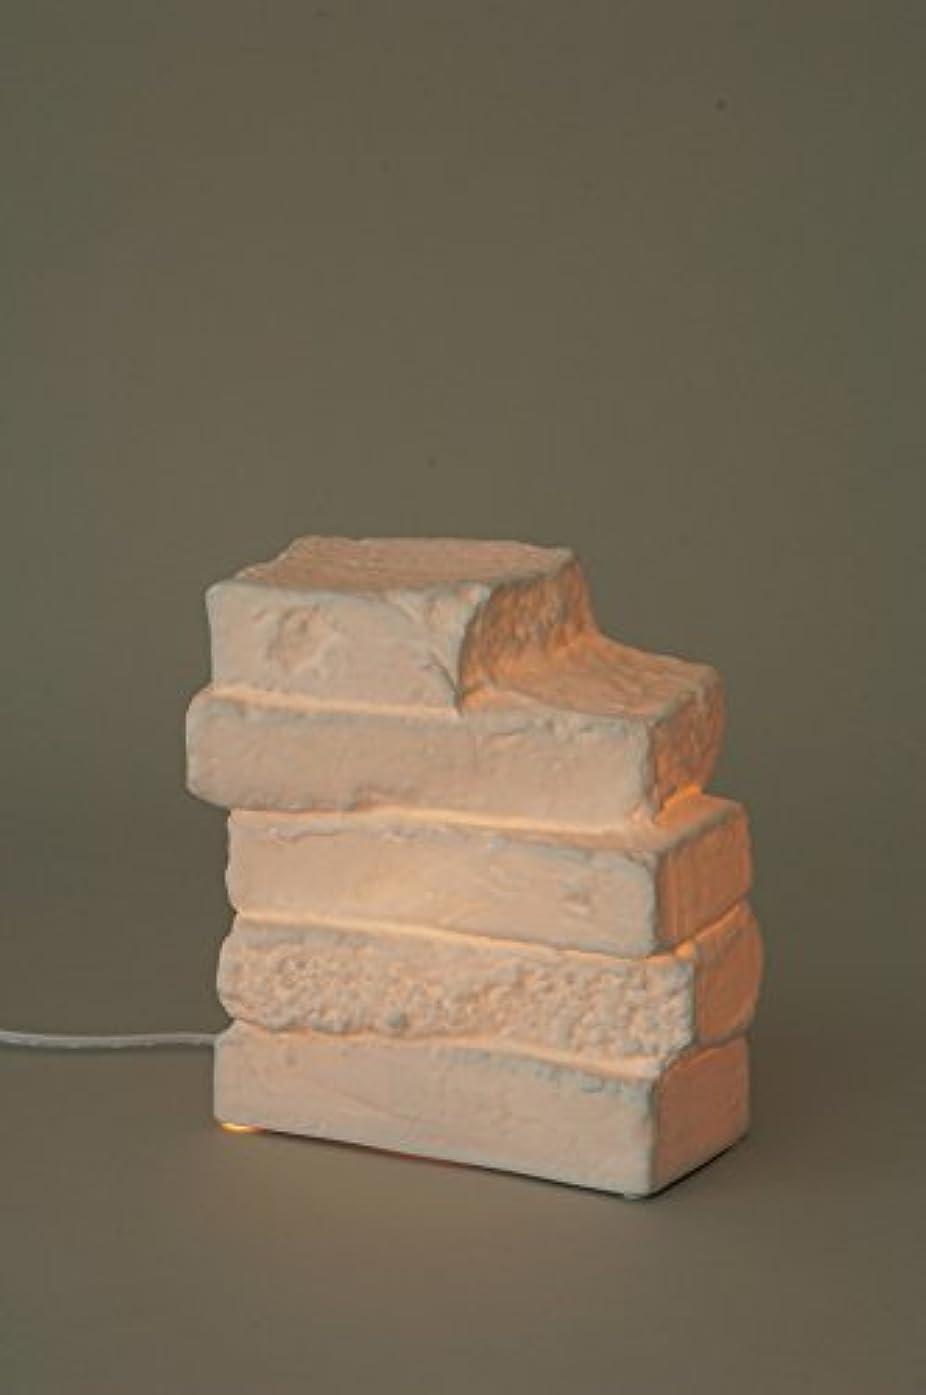 迅速出費用語集bricks(ブリックス) 76800300 ランプ